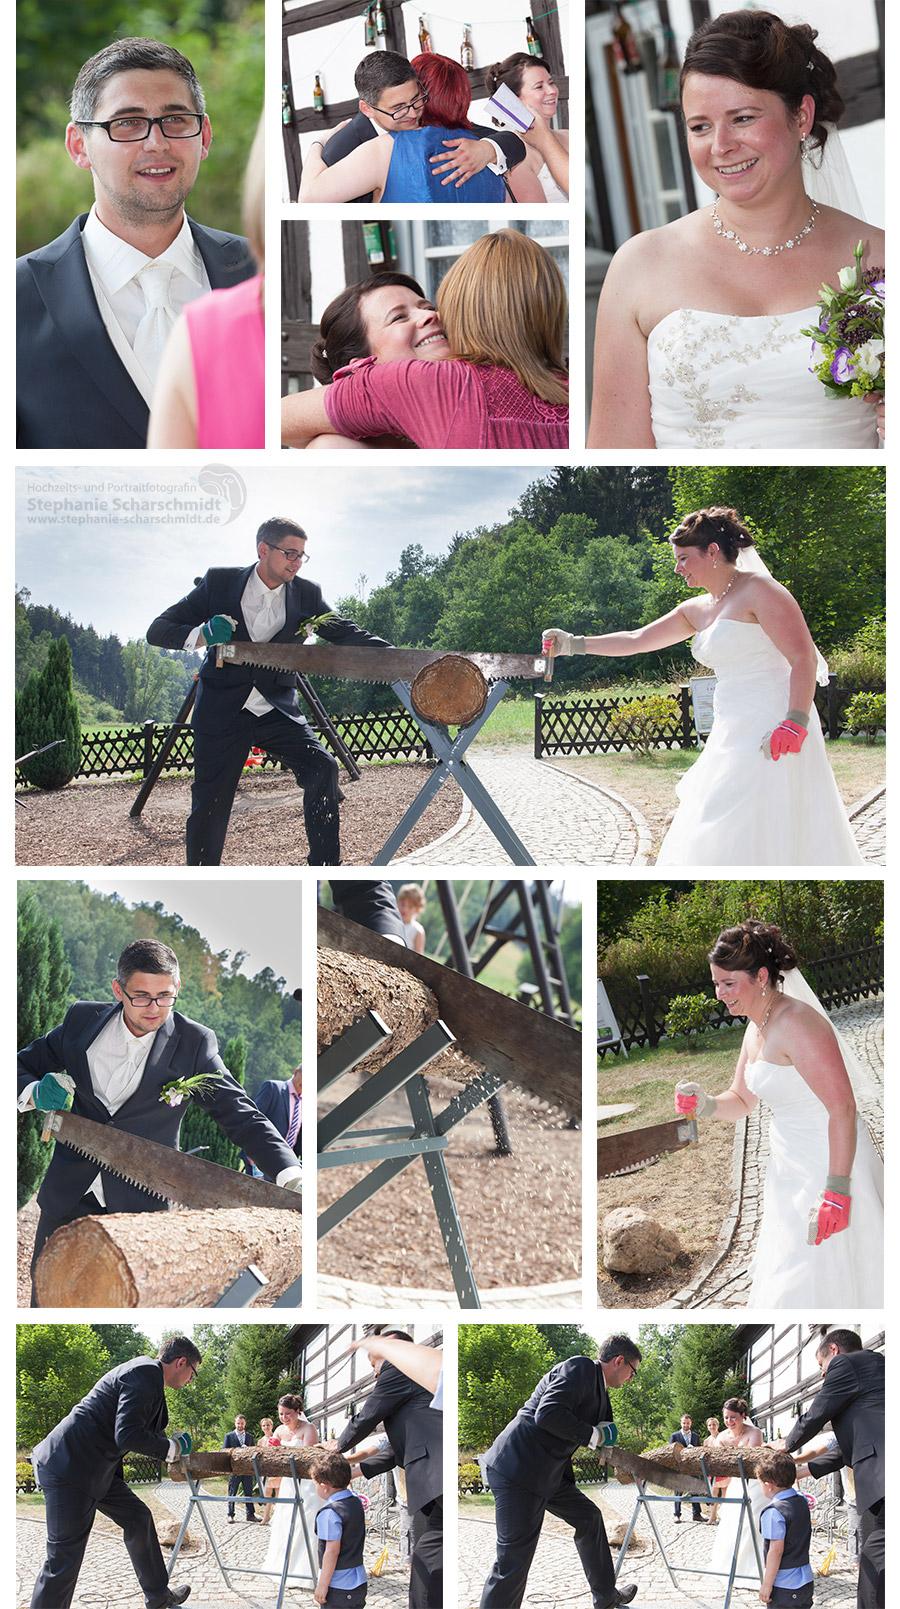 Baumstamm Sägen auf Hochzeit - Hochzeitsfotos Plauen im Vogtland – Hochzeitsfotograf in Plauen in der Pension und Restaurant Lochbauer in Plauen im Vogtland